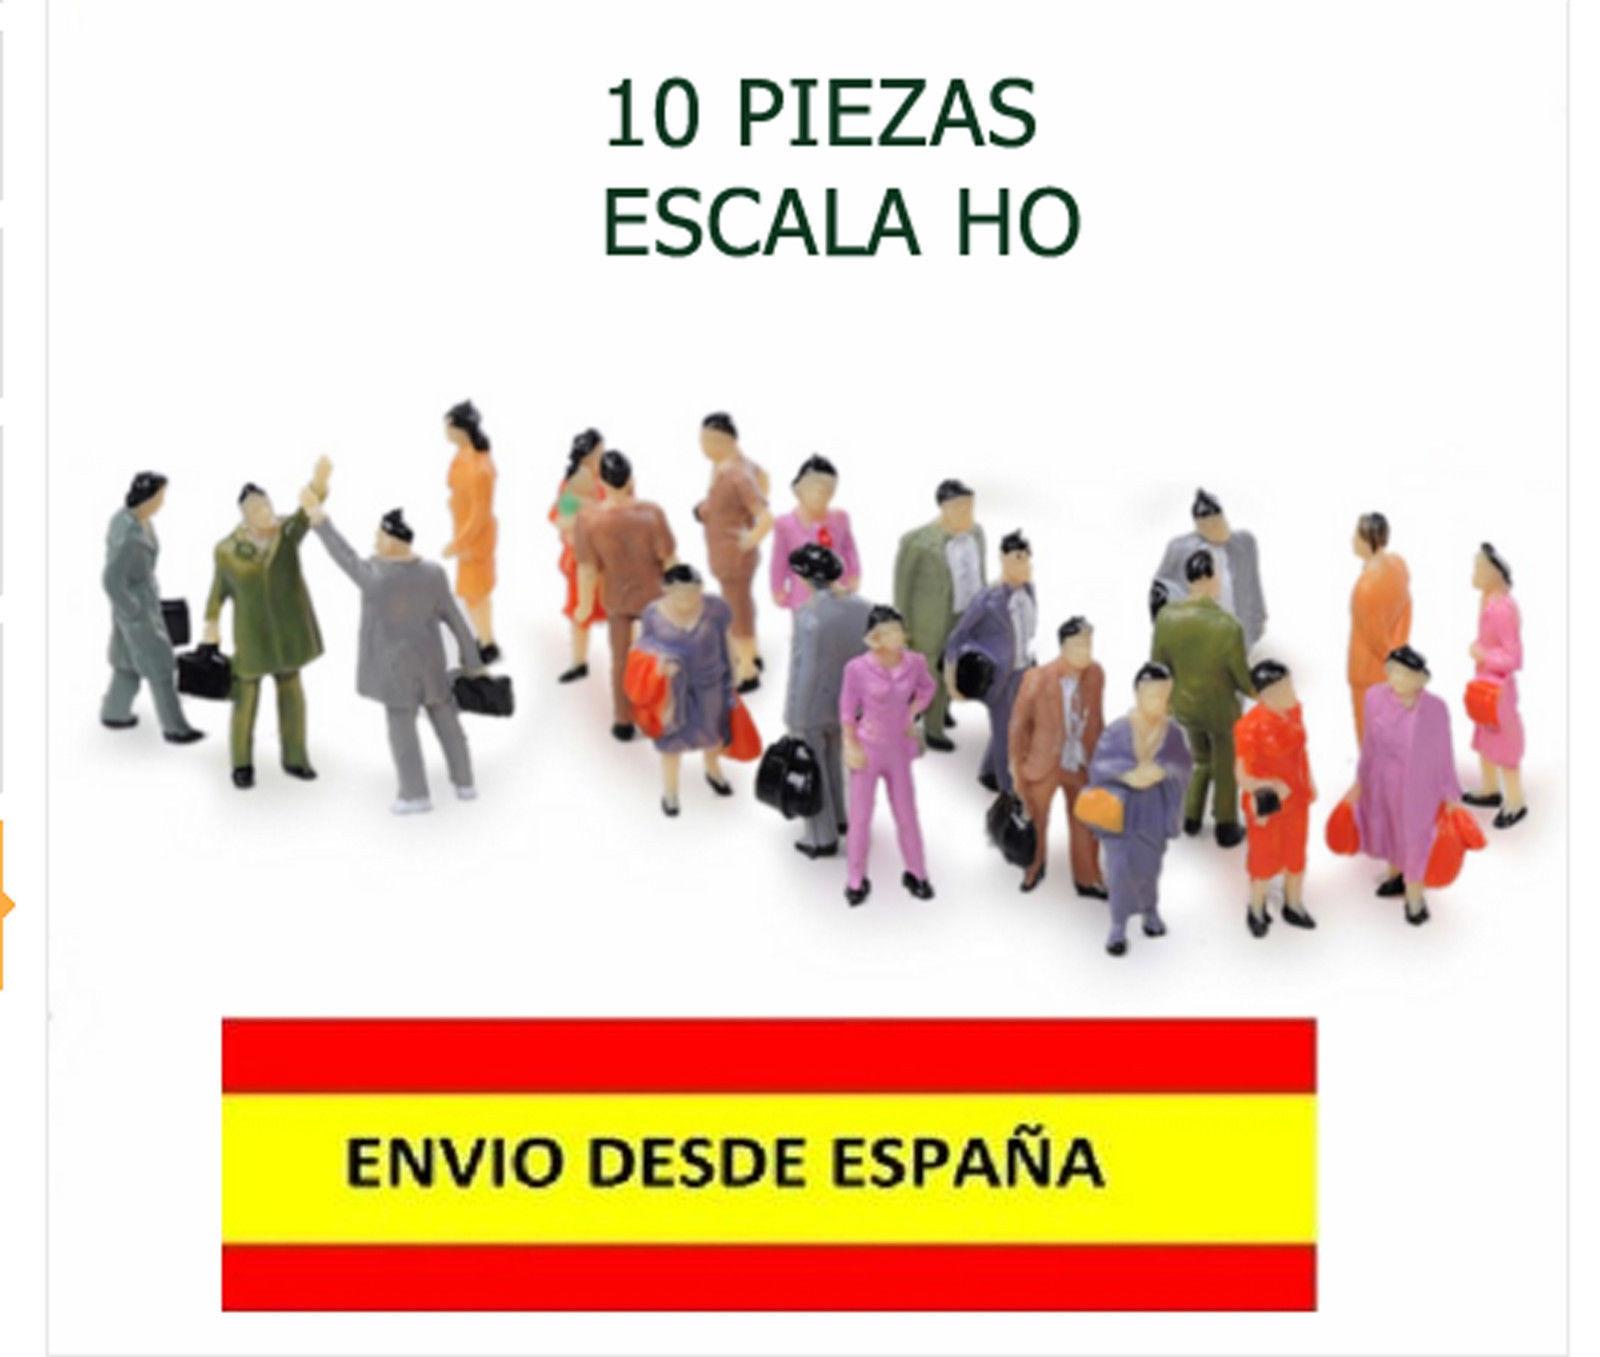 TRENES ESCALA HO 1:100 LOTE DE 10 PIEZAS FIGURAS HUMANAS ESCALA HO...